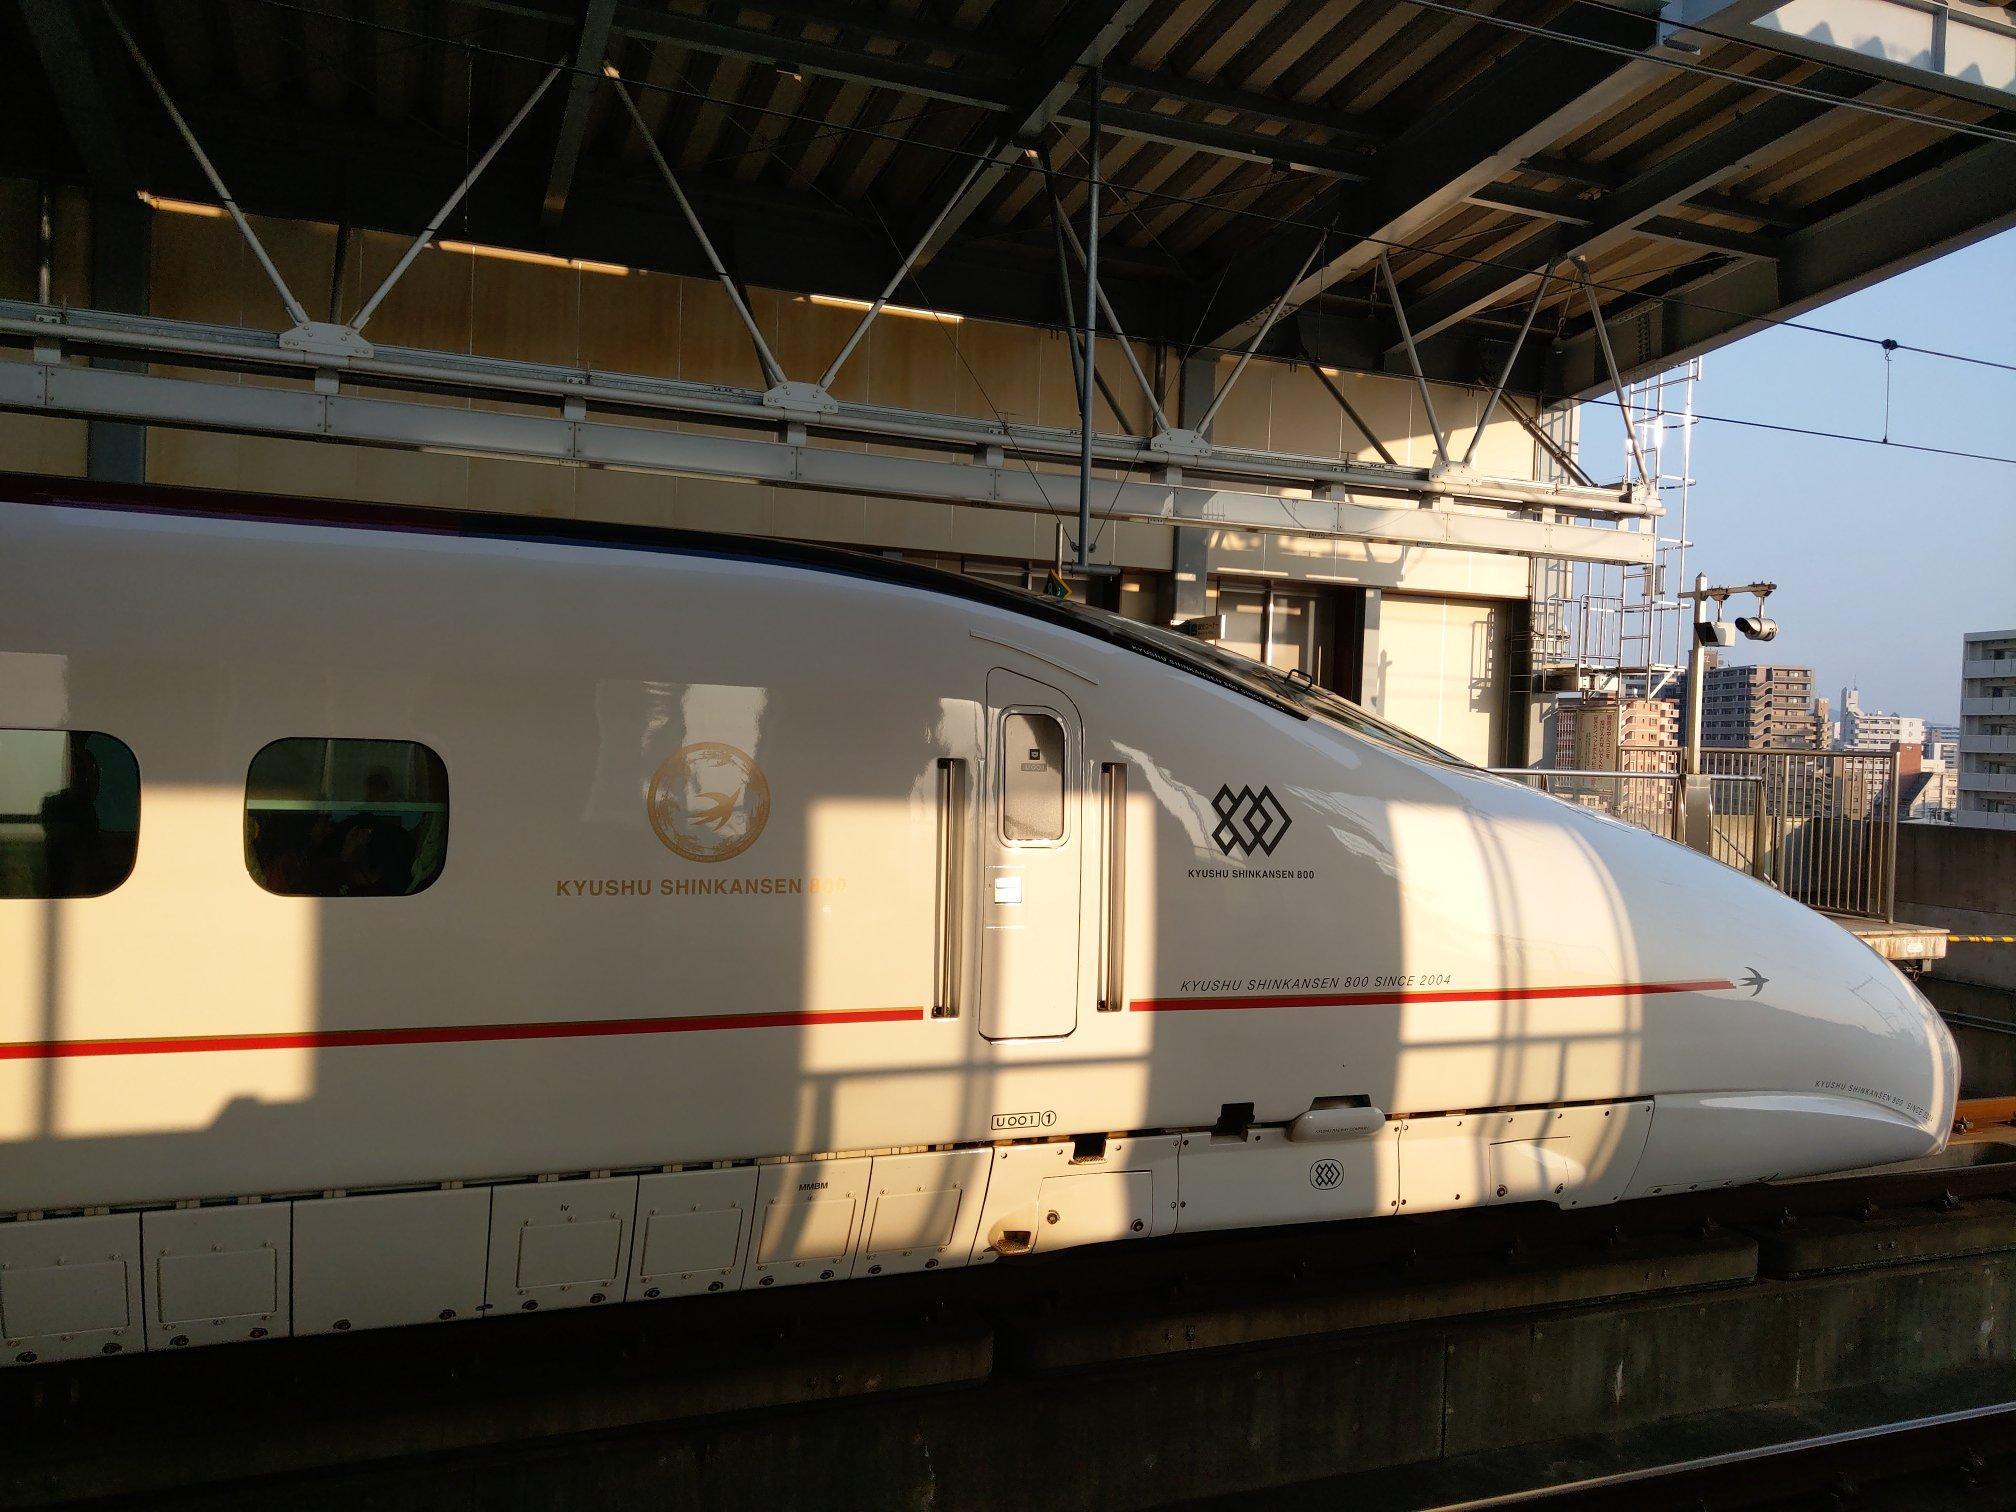 新幹線 人身事故 九州 運転士、異音報告せず 台車亀裂の教訓どこに